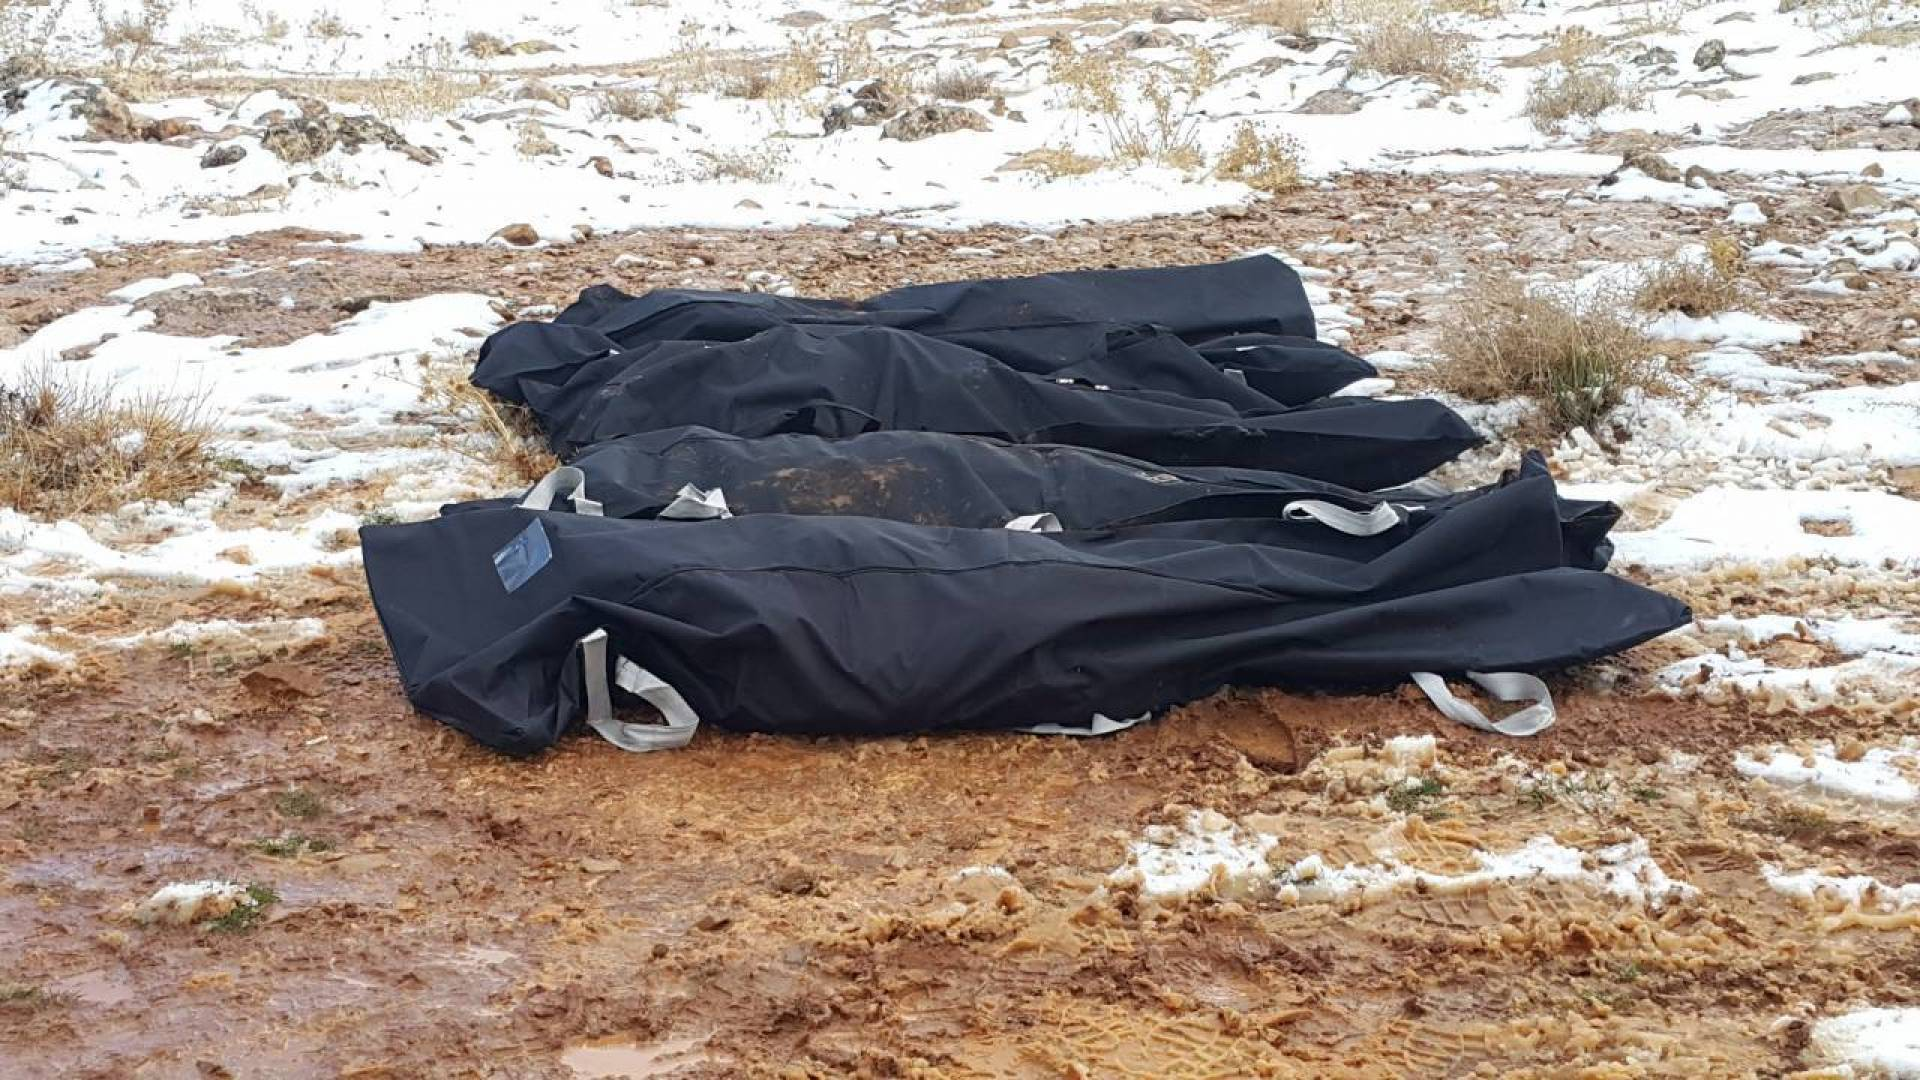 جثث للاجئين سوريين حاولوا عبور الحدود السورية اللبنانية في منطقة الصويري في البقاع اللبناني (النهار)